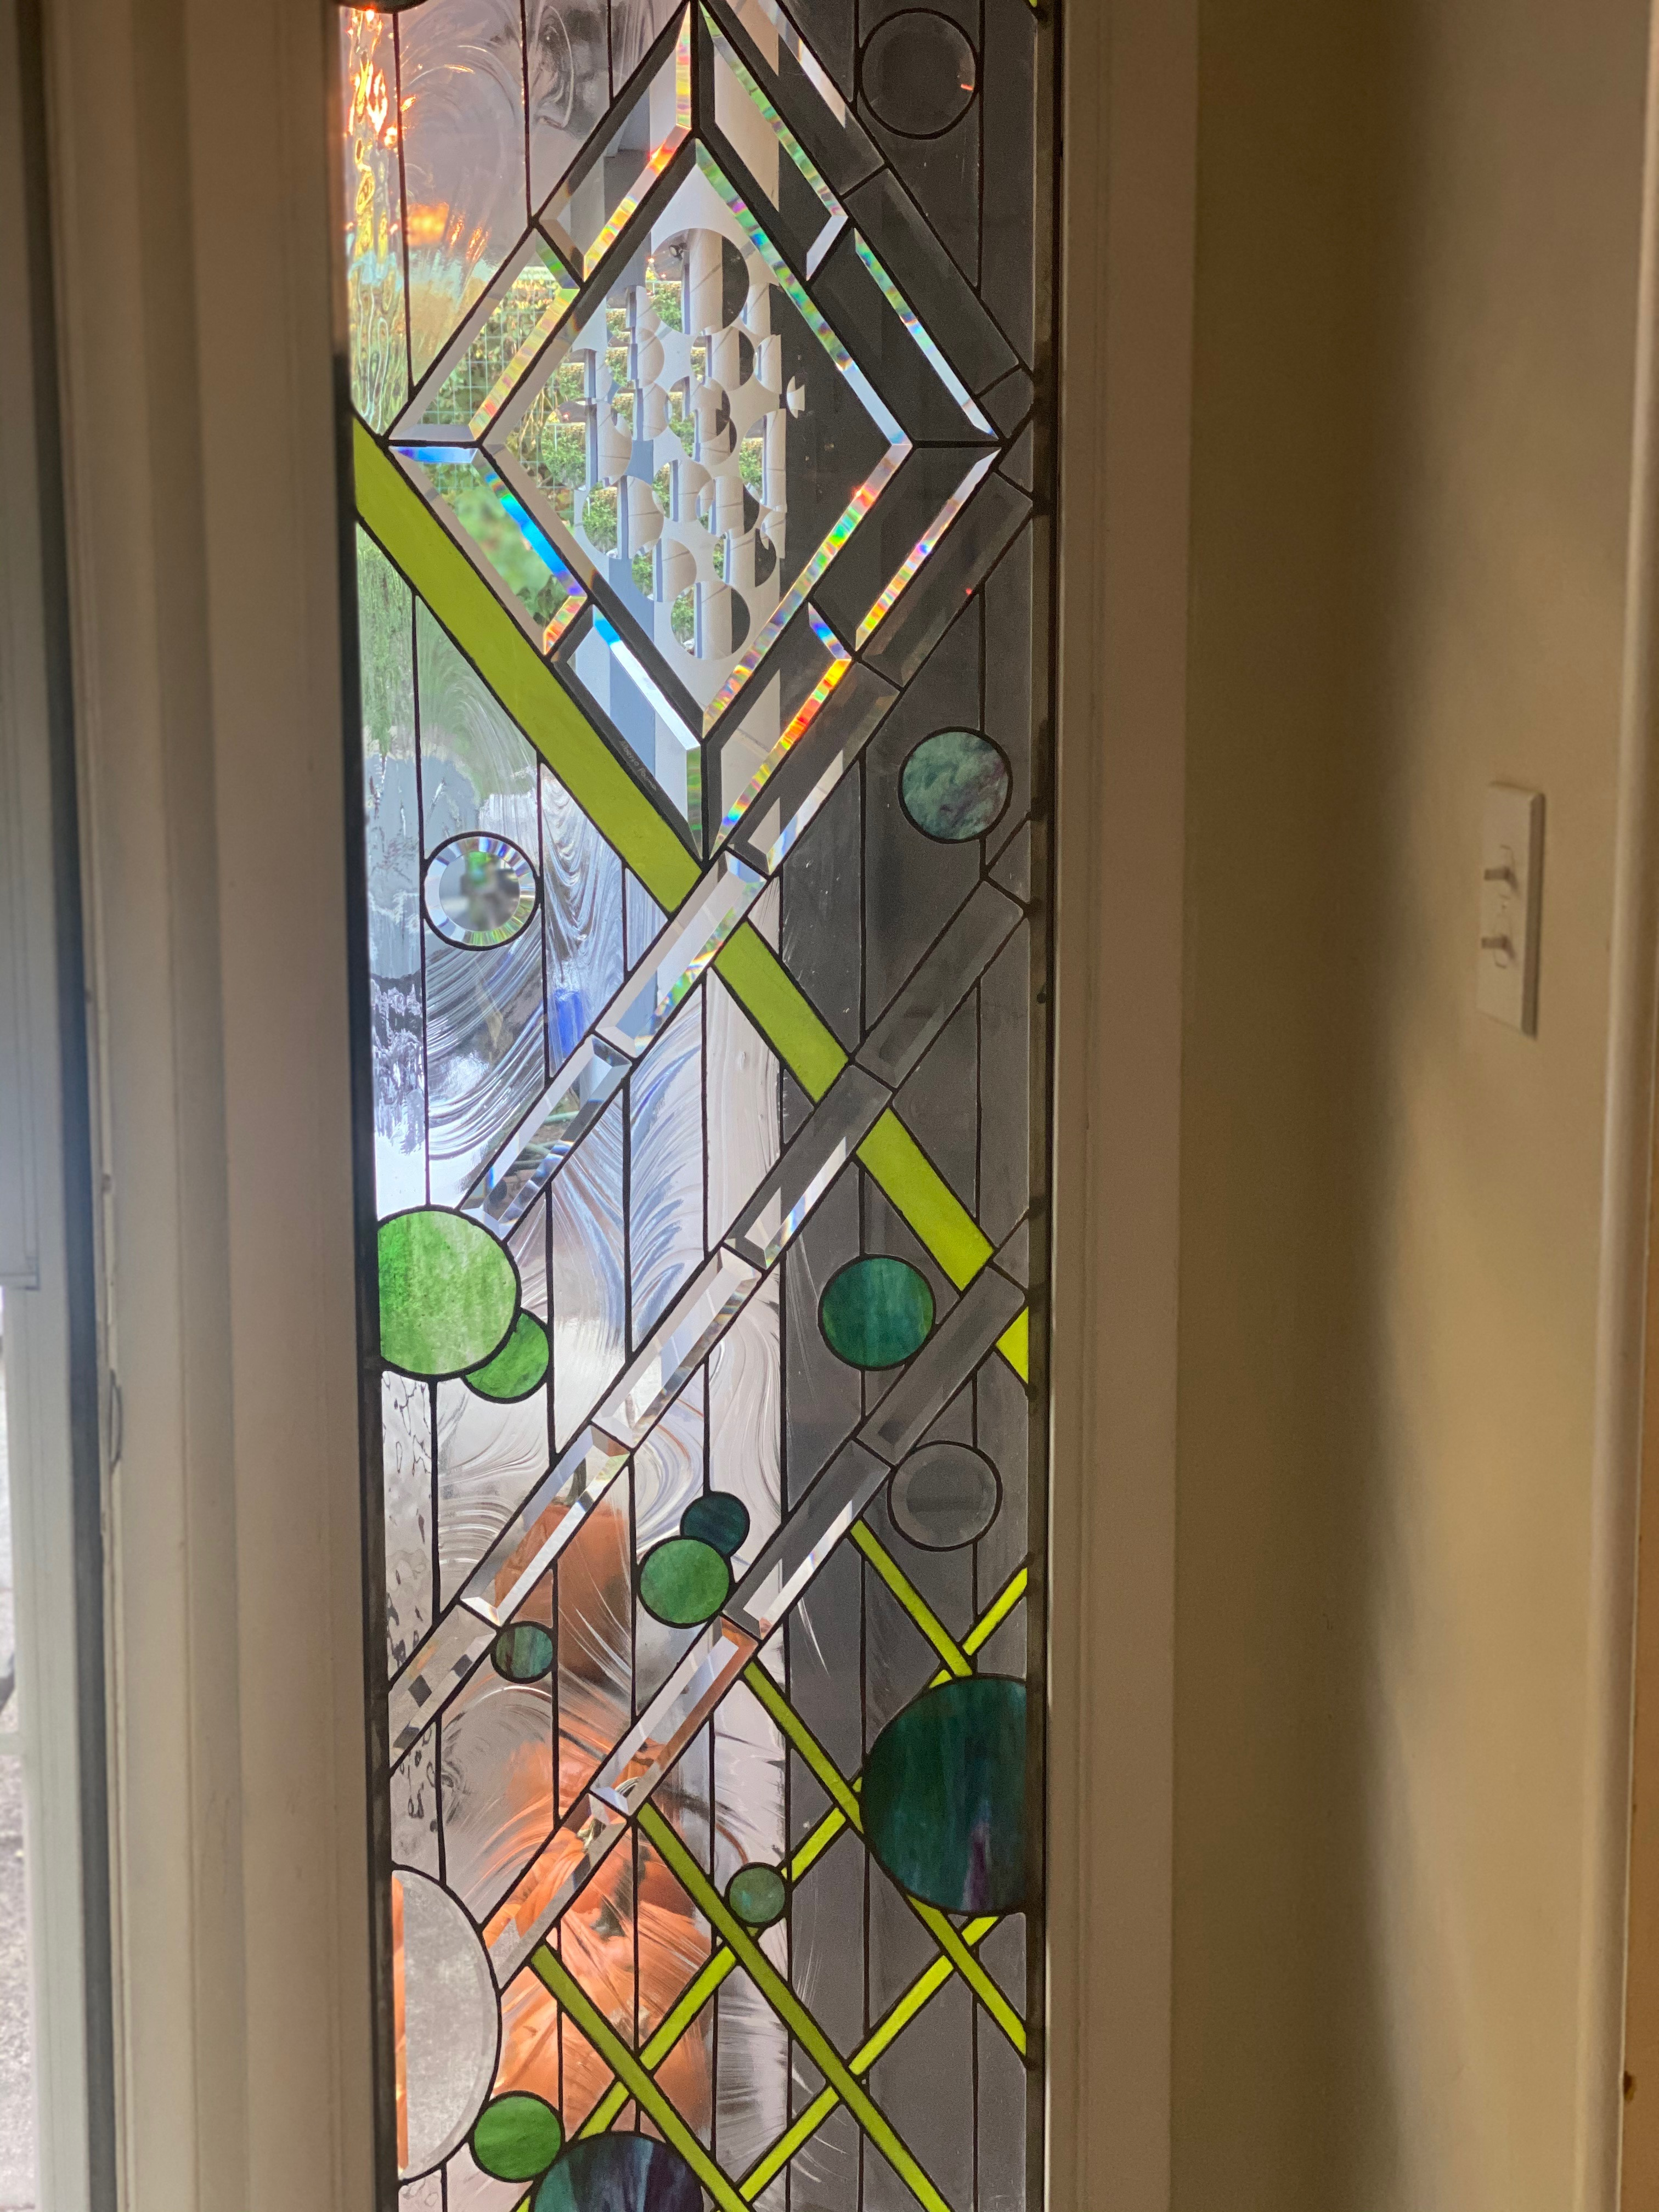 Sausalito reflections (close-up, V.2)